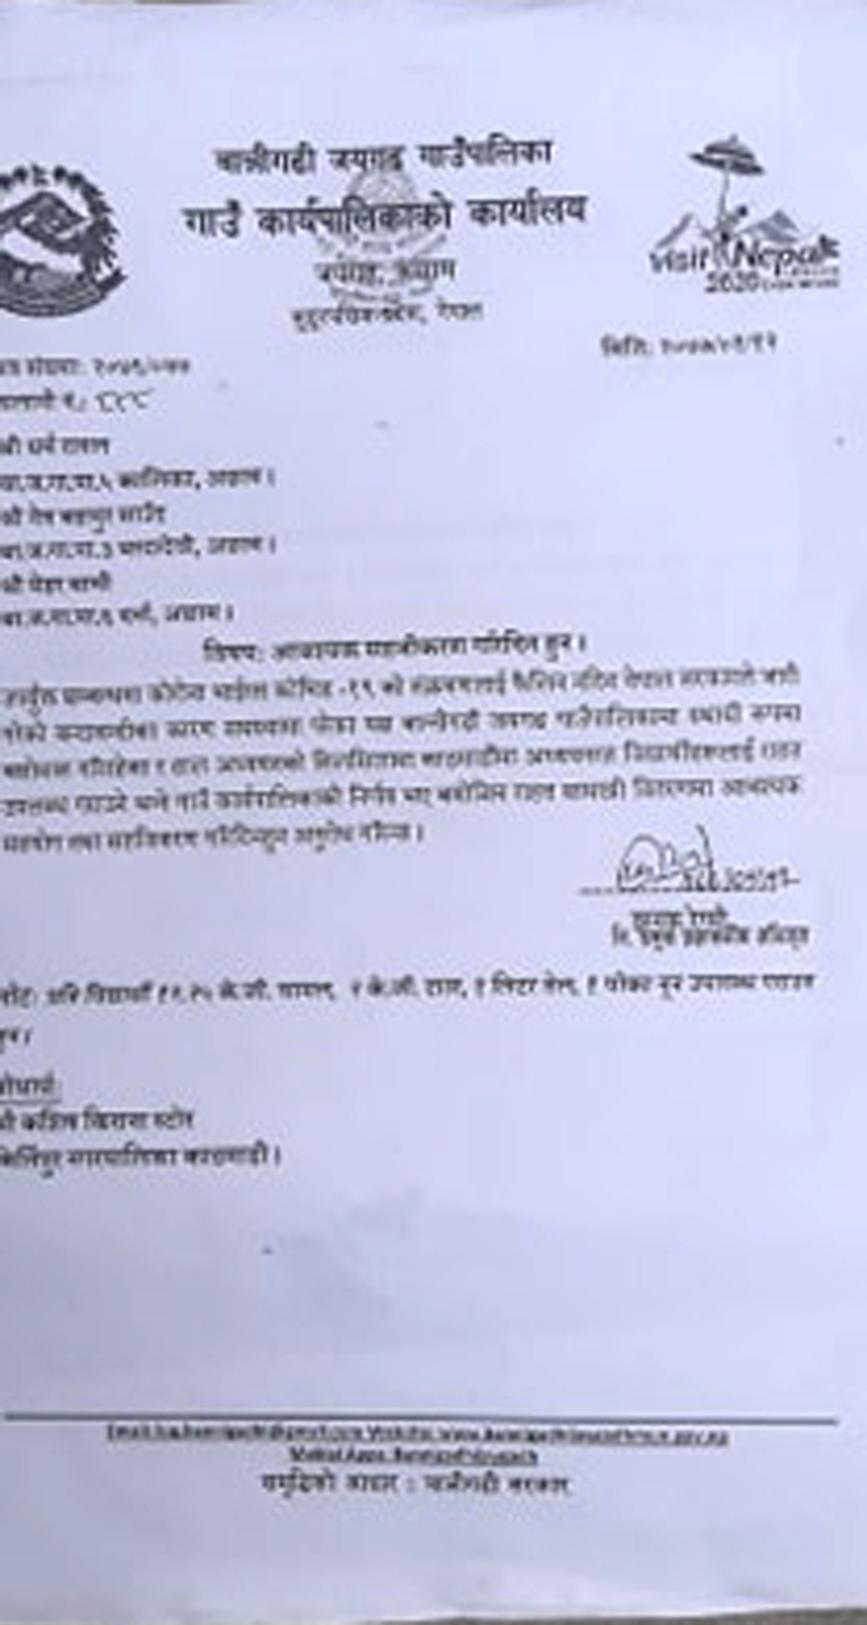 बान्नीगढी गाउँपालिकाले गर्यो काठमाडौमा बस्नेहरुलाई राहत  बितरण